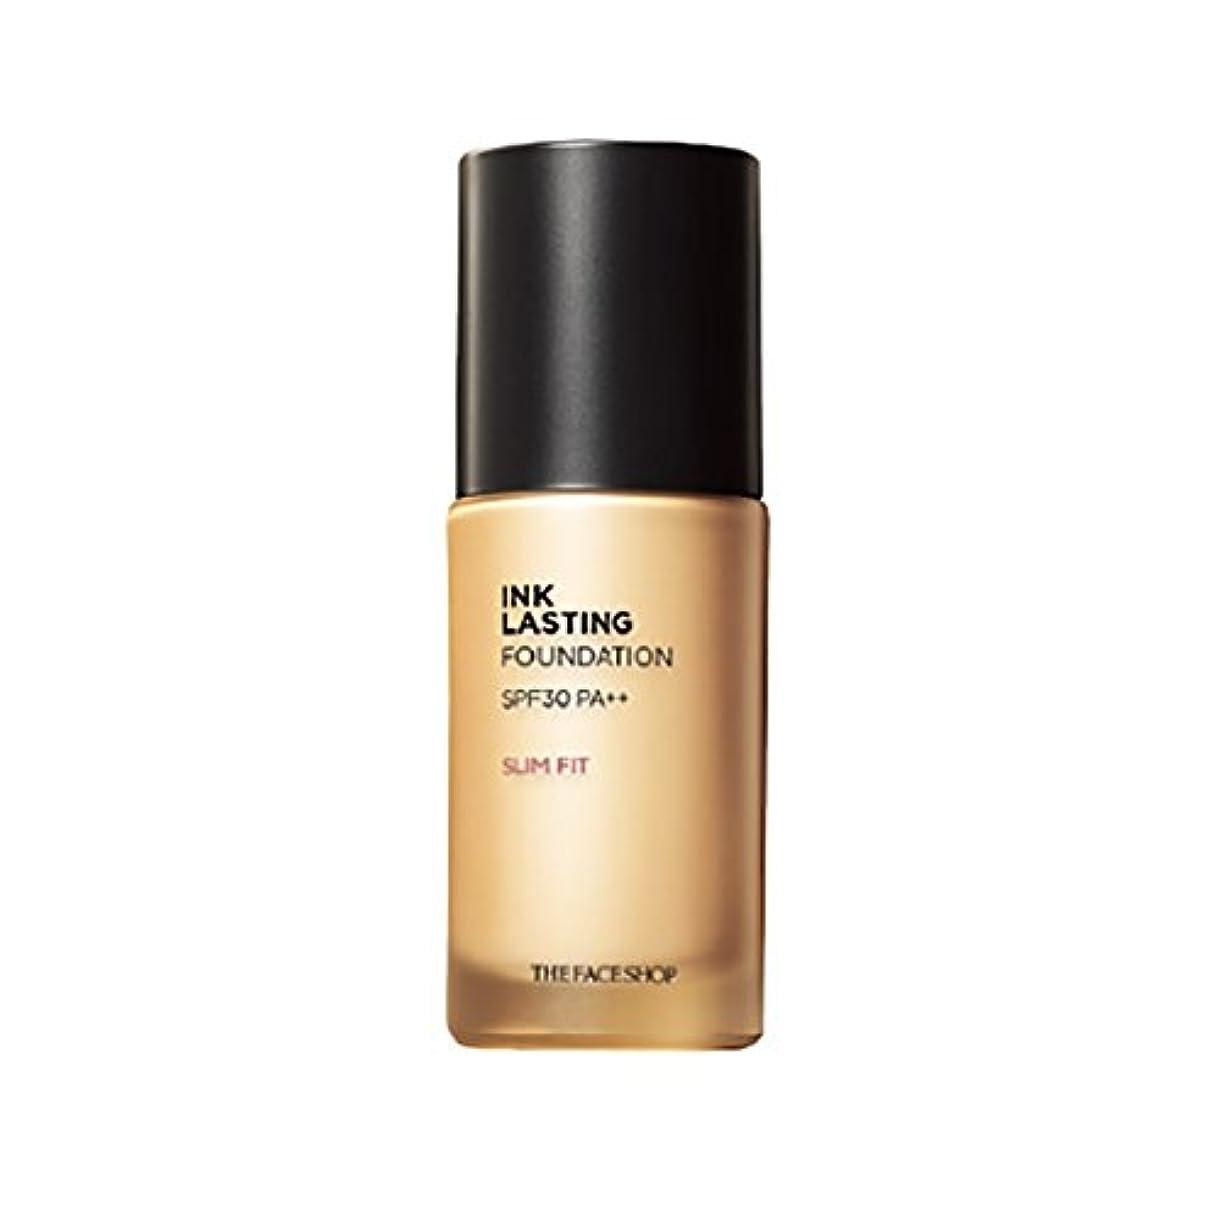 親愛な調整可能アイザックThe Face Shop ザフェイスショップ Ink Lasting Foundation Slim Fit ファンデーション 30ml #N201 Apricot Beige[並行輸入品]